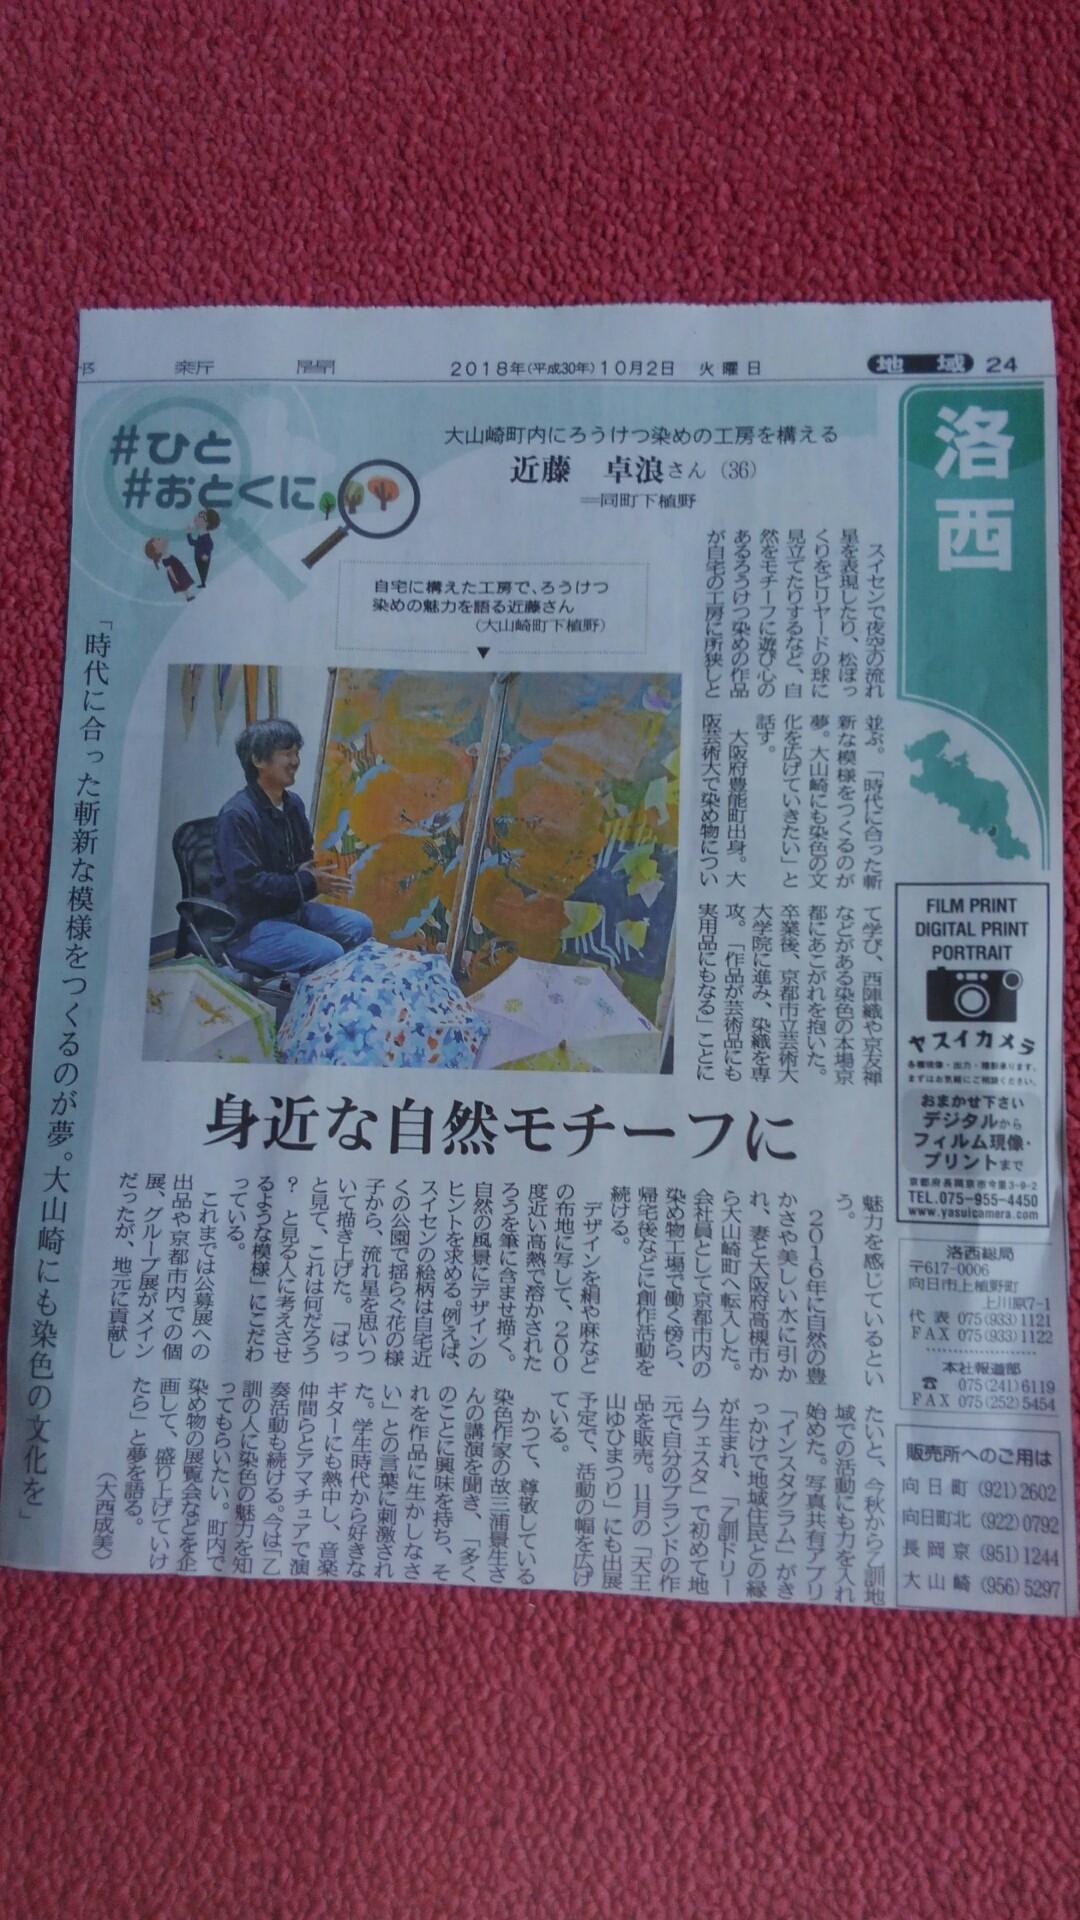 第2段 大山崎町在のろうけつ染の「近藤卓浪」さんをご紹介いたします